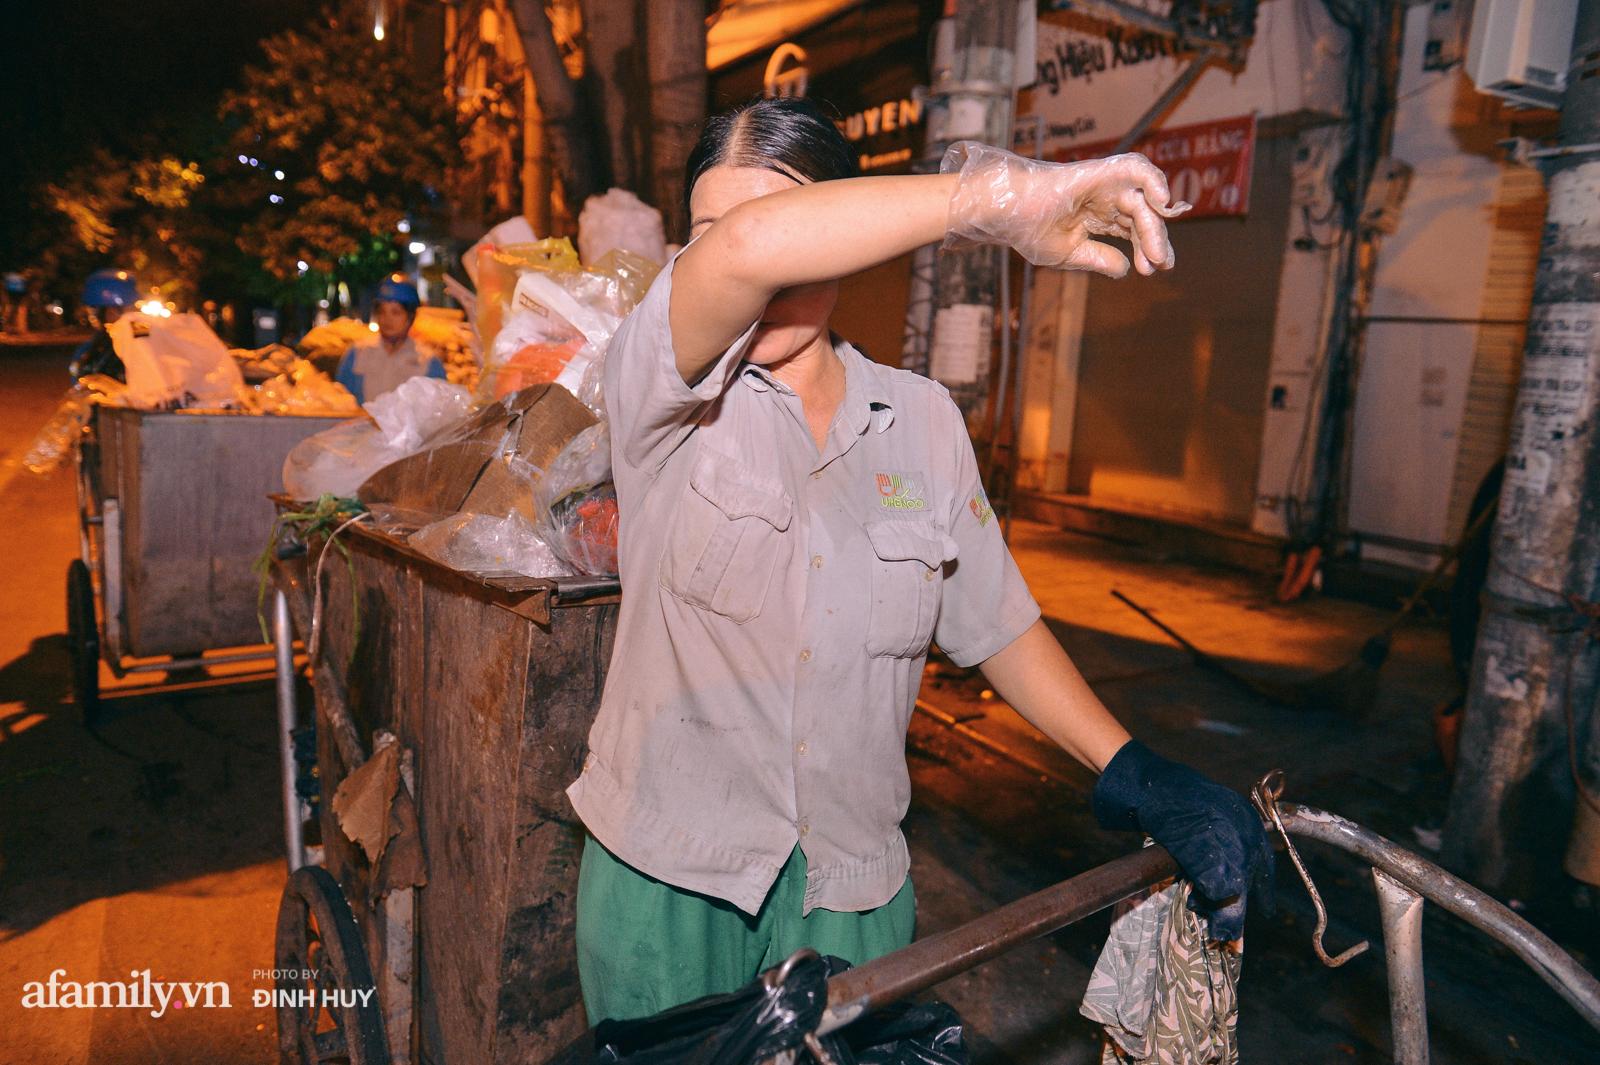 Đêm Trung thu chìm trong rác thải của cô công nhân vệ sinh trên phố cổ - Ảnh 7.